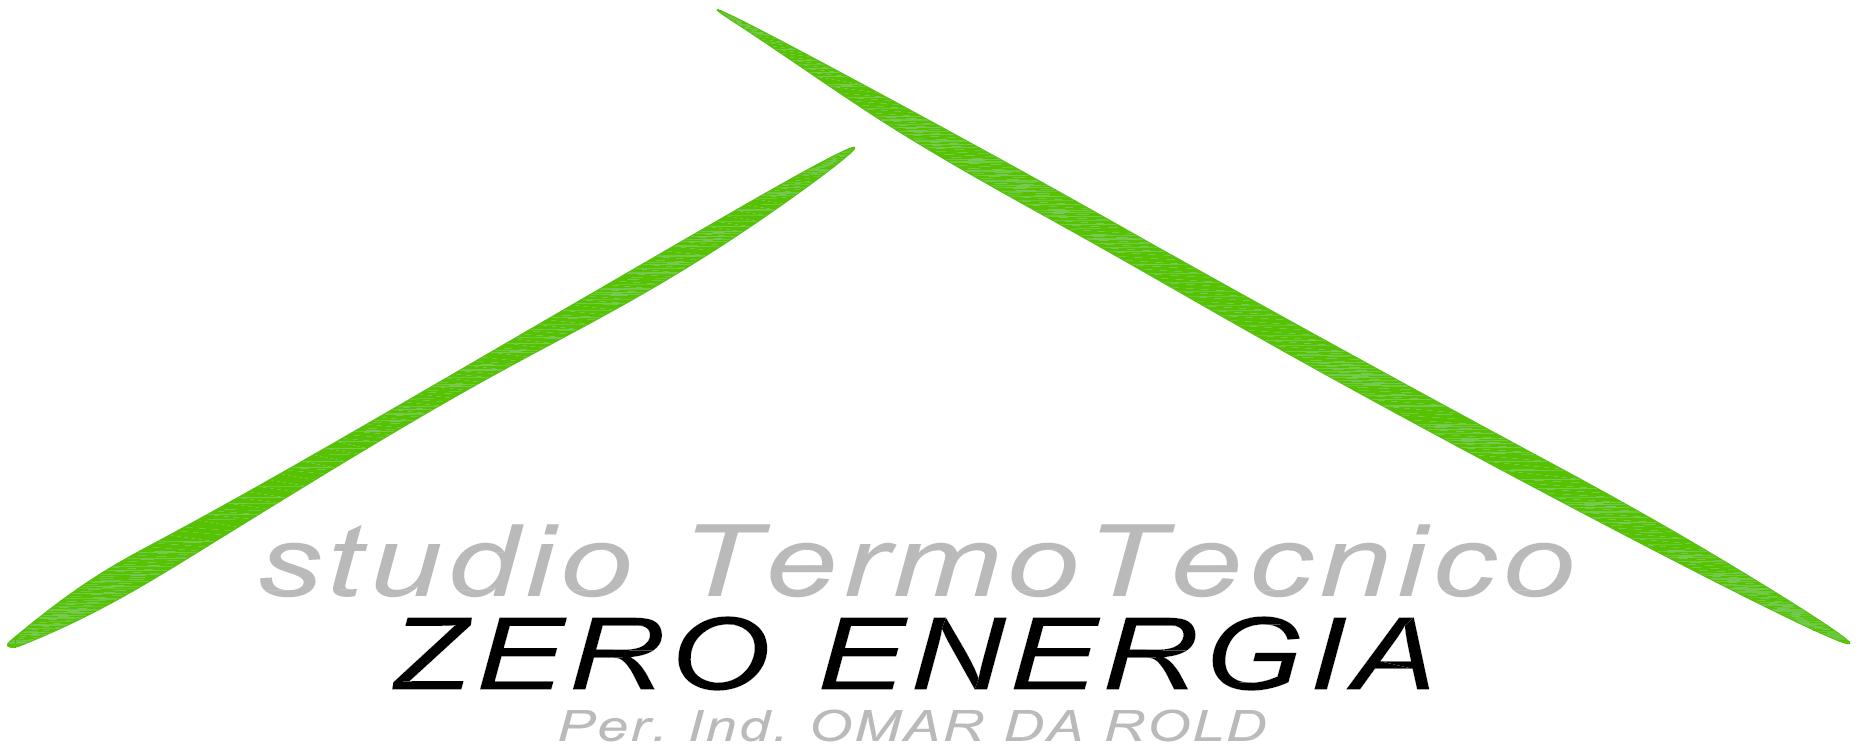 Studio TermoTecnico Zero Energia